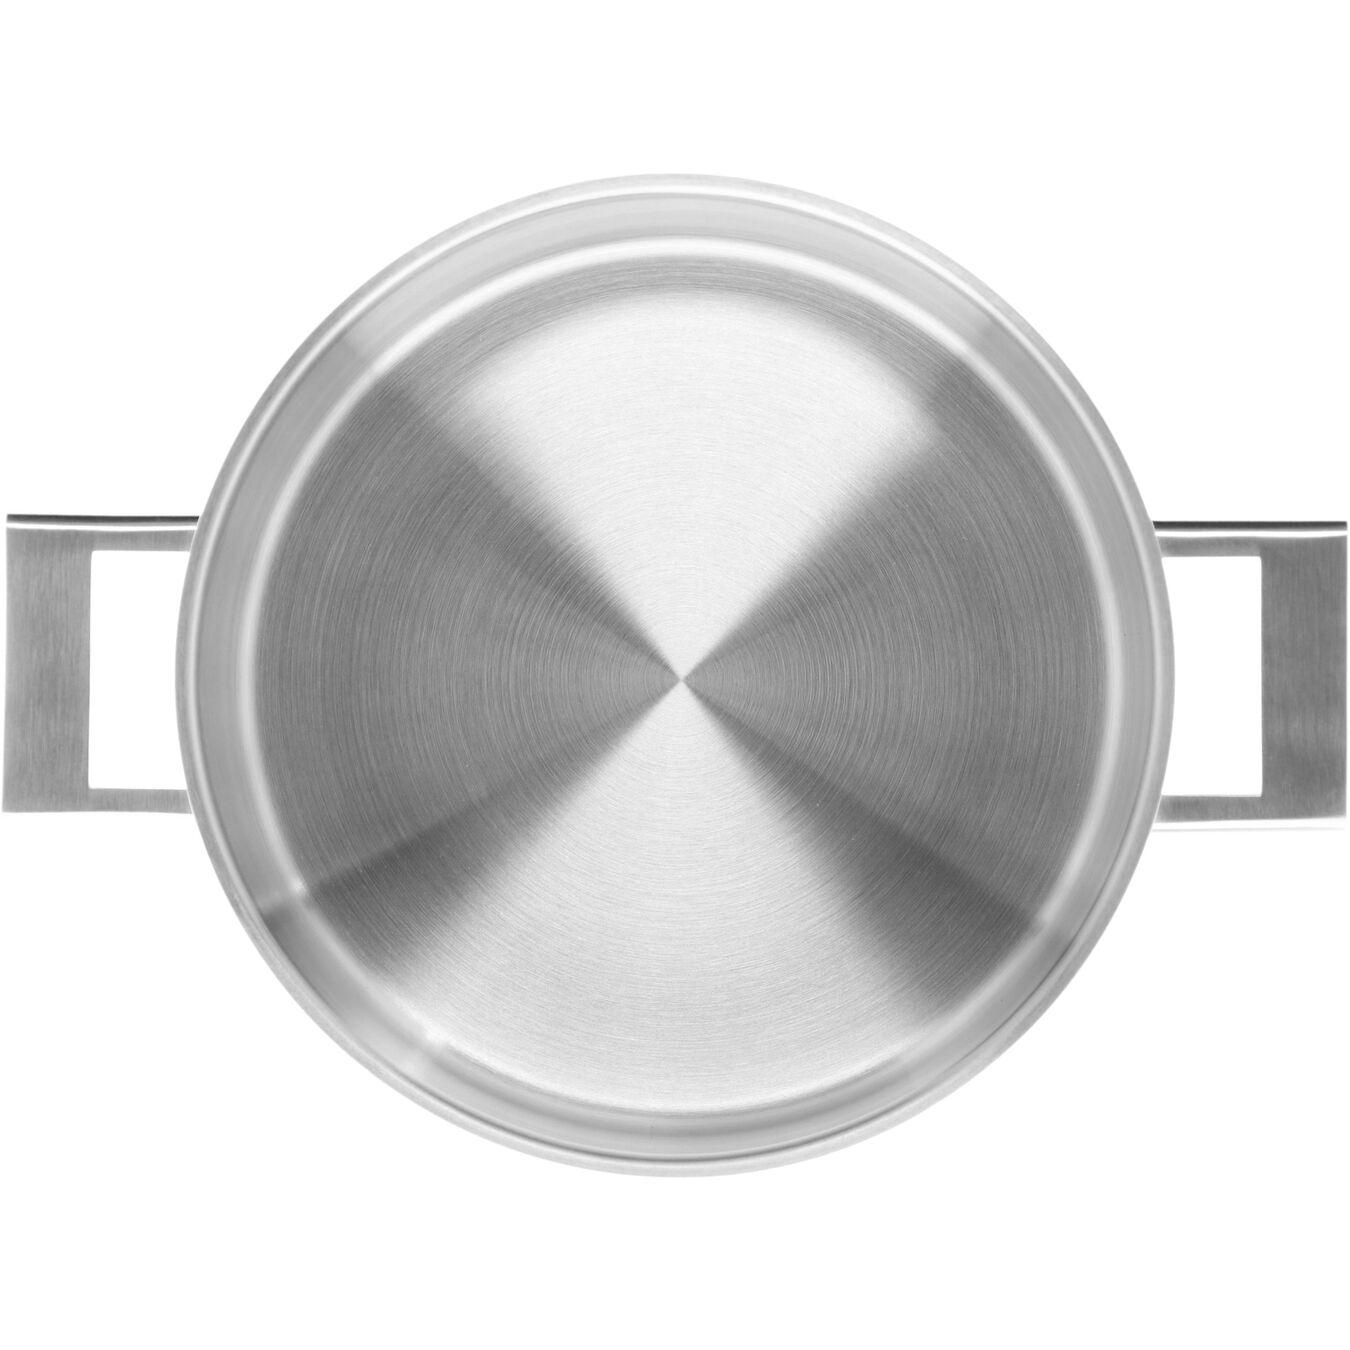 Sığ Tencere çift çıdarlı kapak | 18/10 Paslanmaz Çelik | 24 cm | Metalik Gri,,large 2